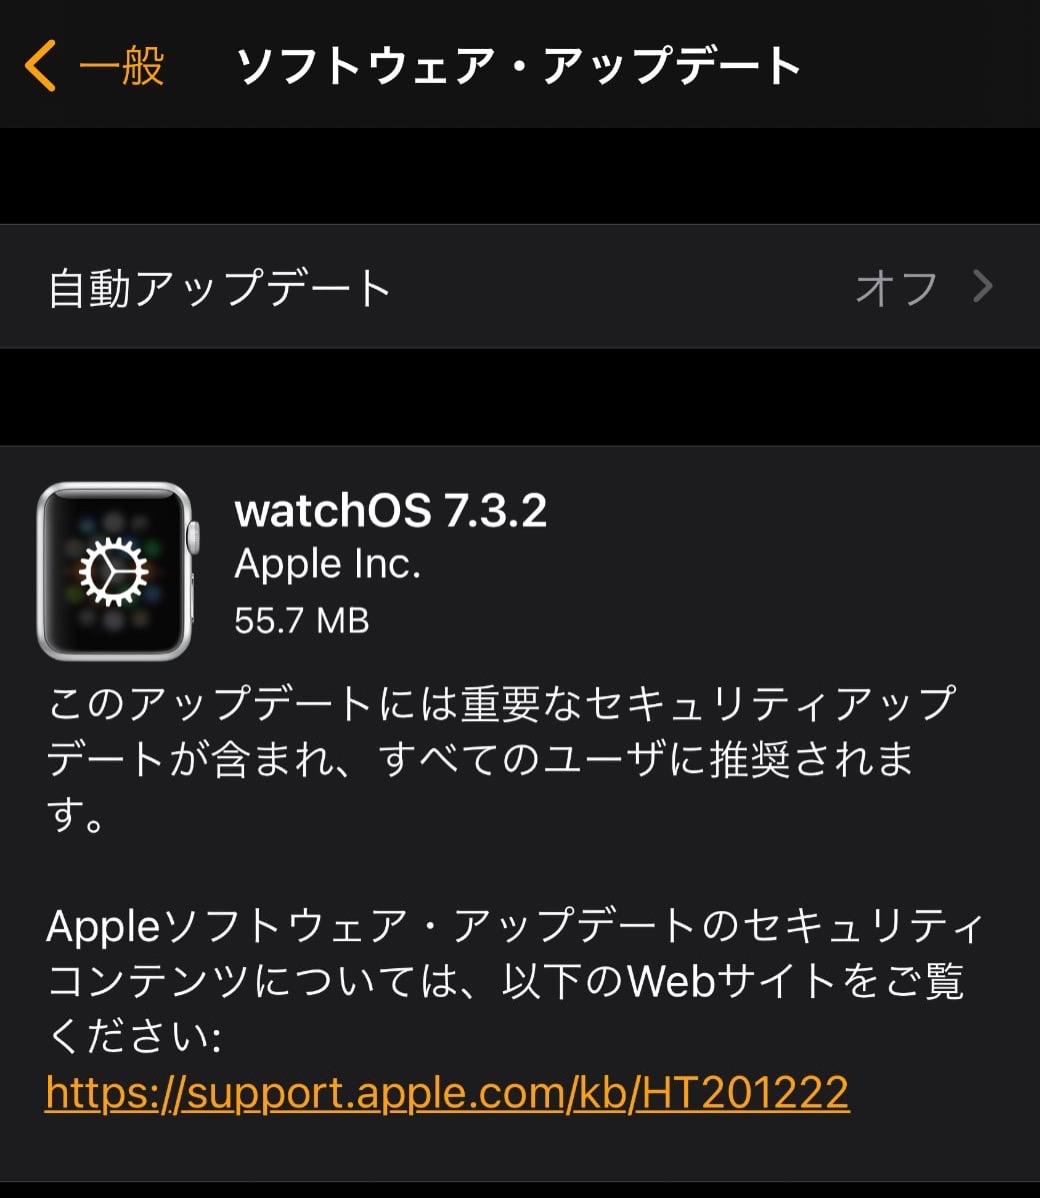 watchOS 7.3.2